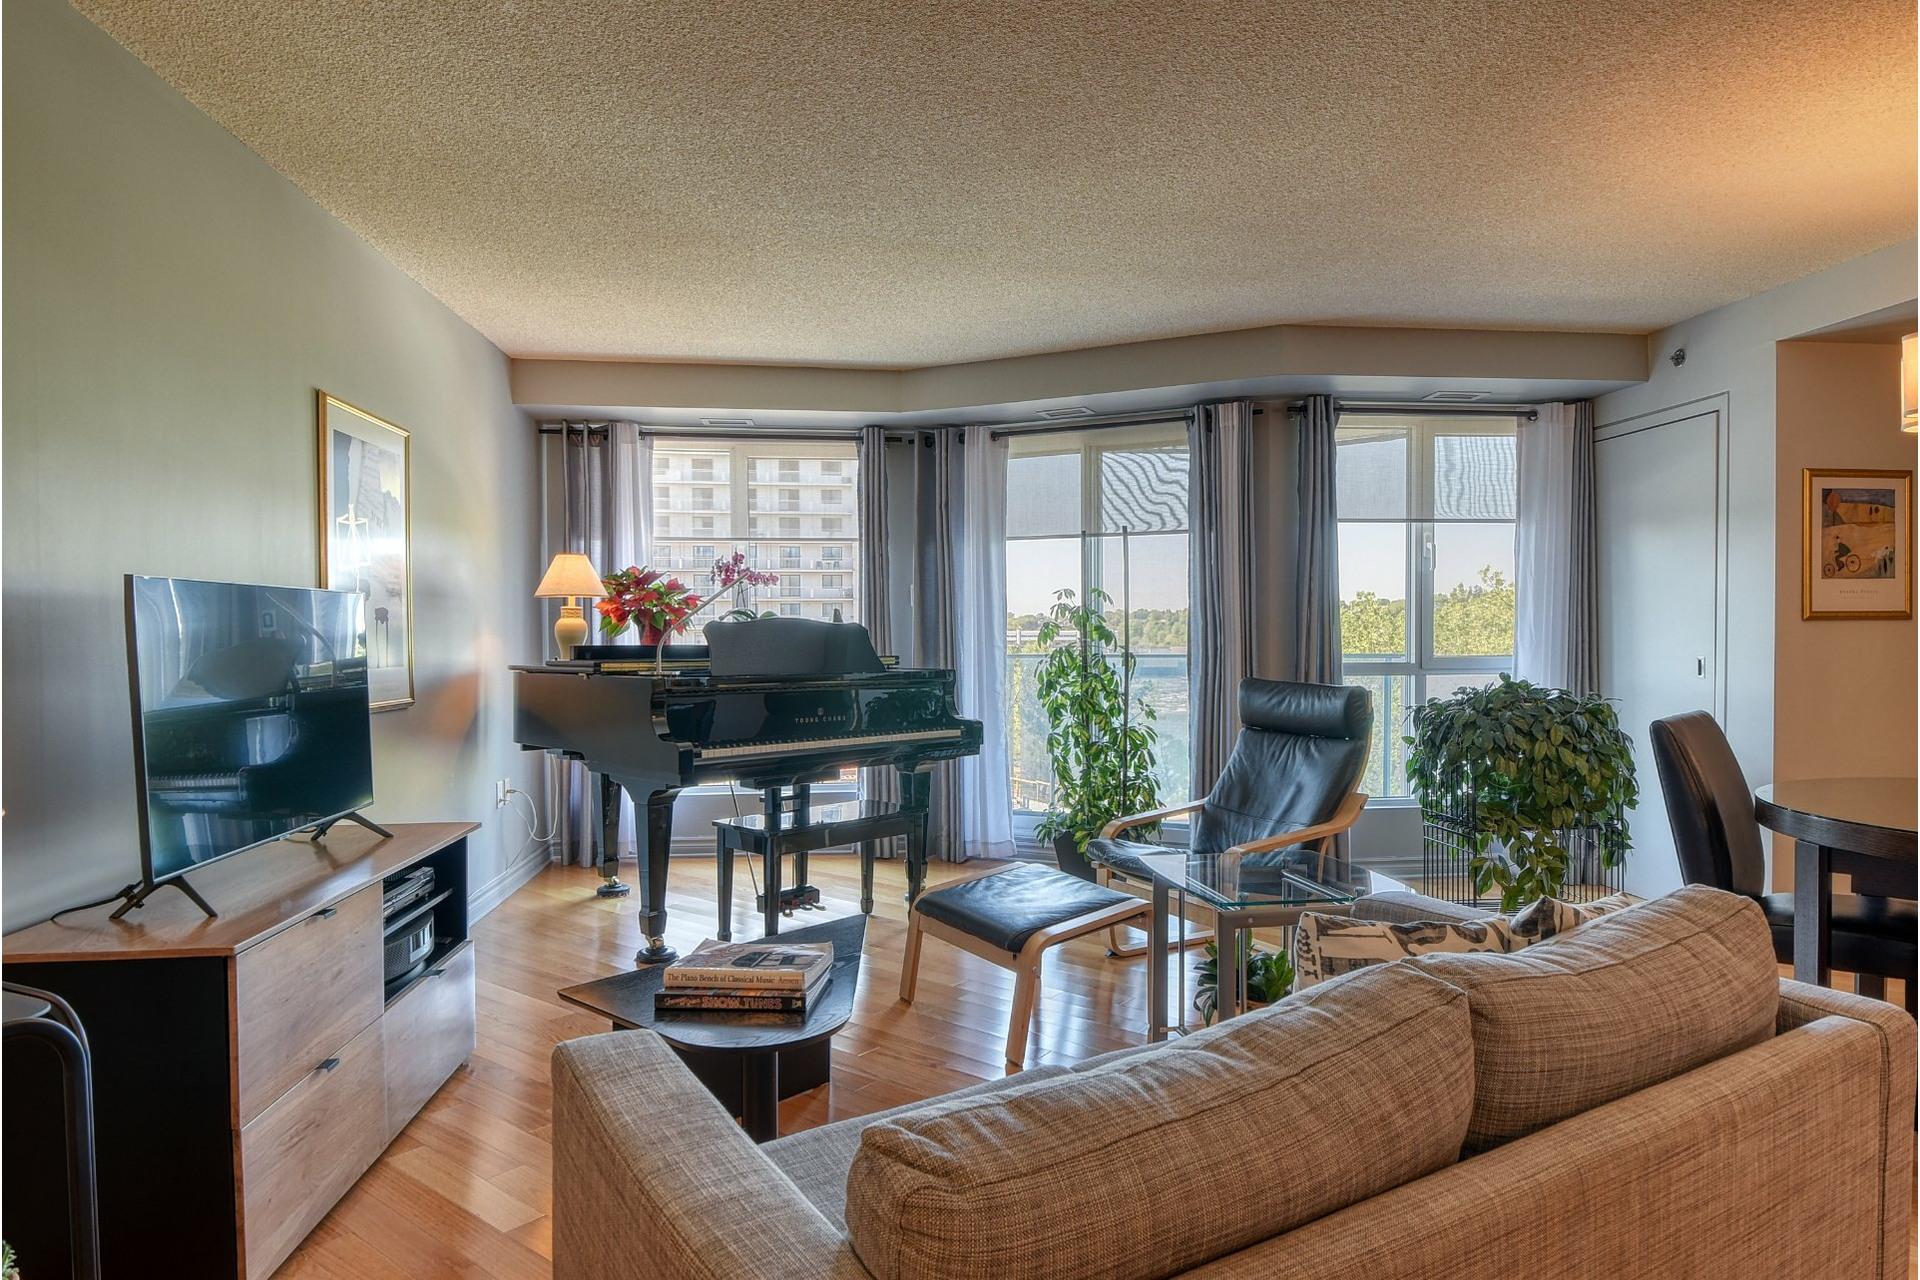 image 8 - Appartement À vendre Montréal-Nord Montréal  - 4 pièces